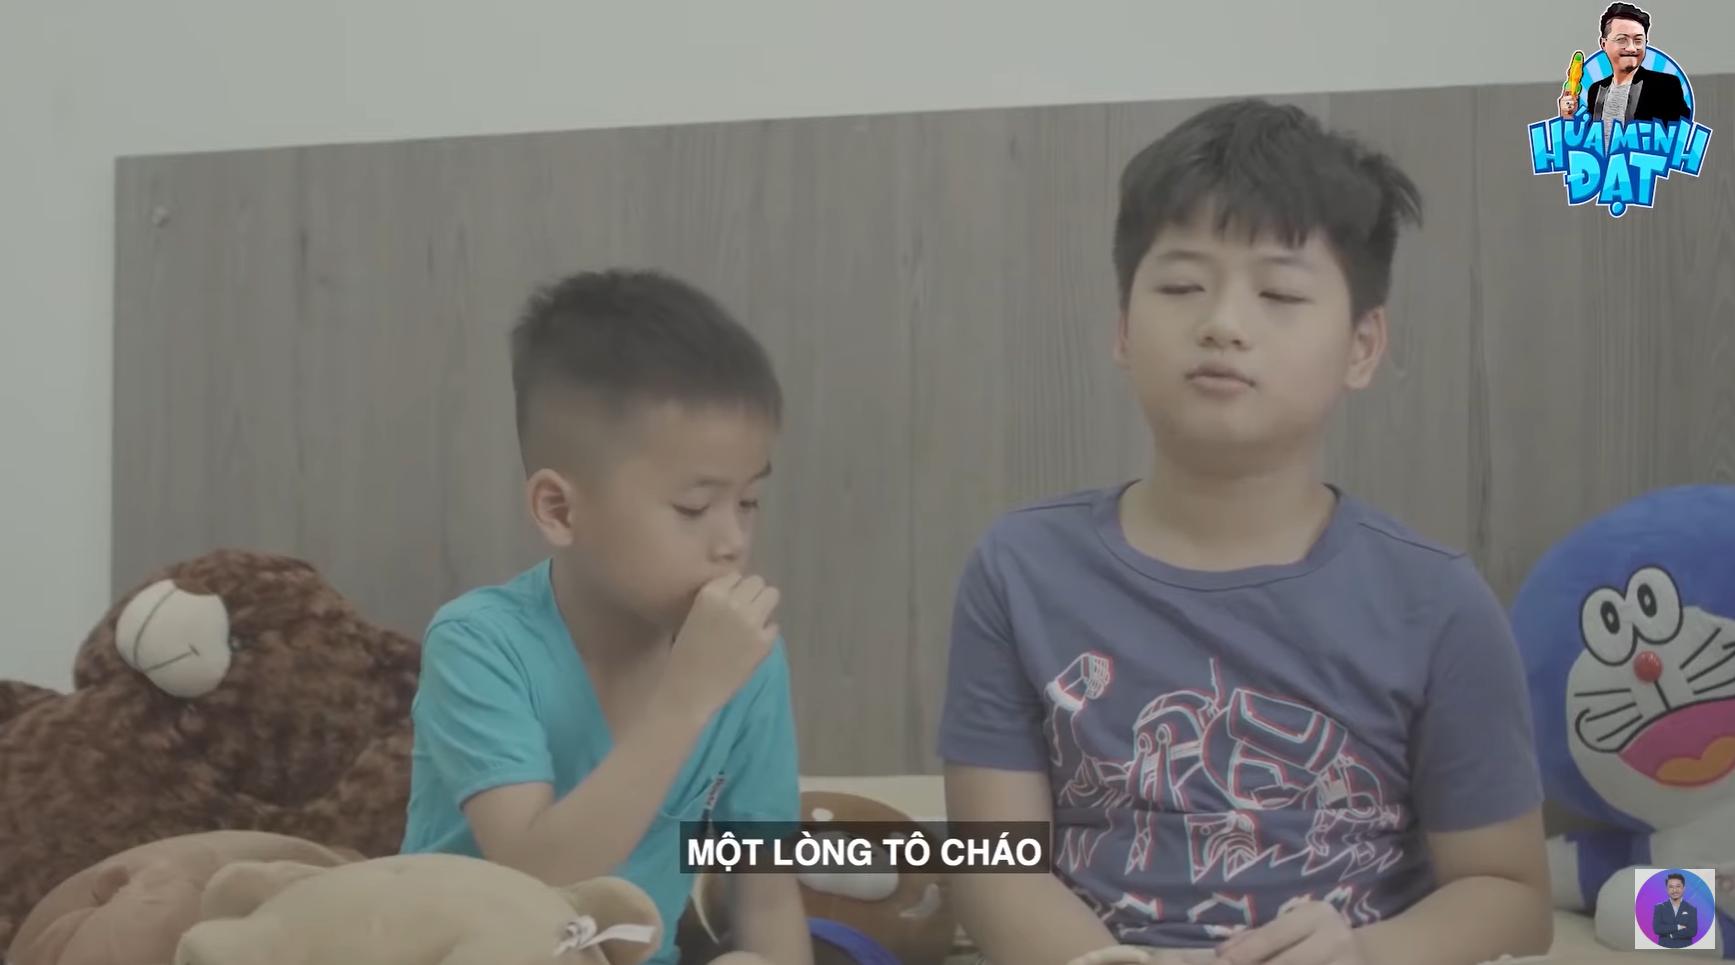 """Hứa Minh Đạt dạy 2 con học thơ, Bánh Mì chỉ nghĩ tới ăn uống, """"tổ lái"""" cực gắt khiến nam diễn viên kêu trời - Ảnh 2."""